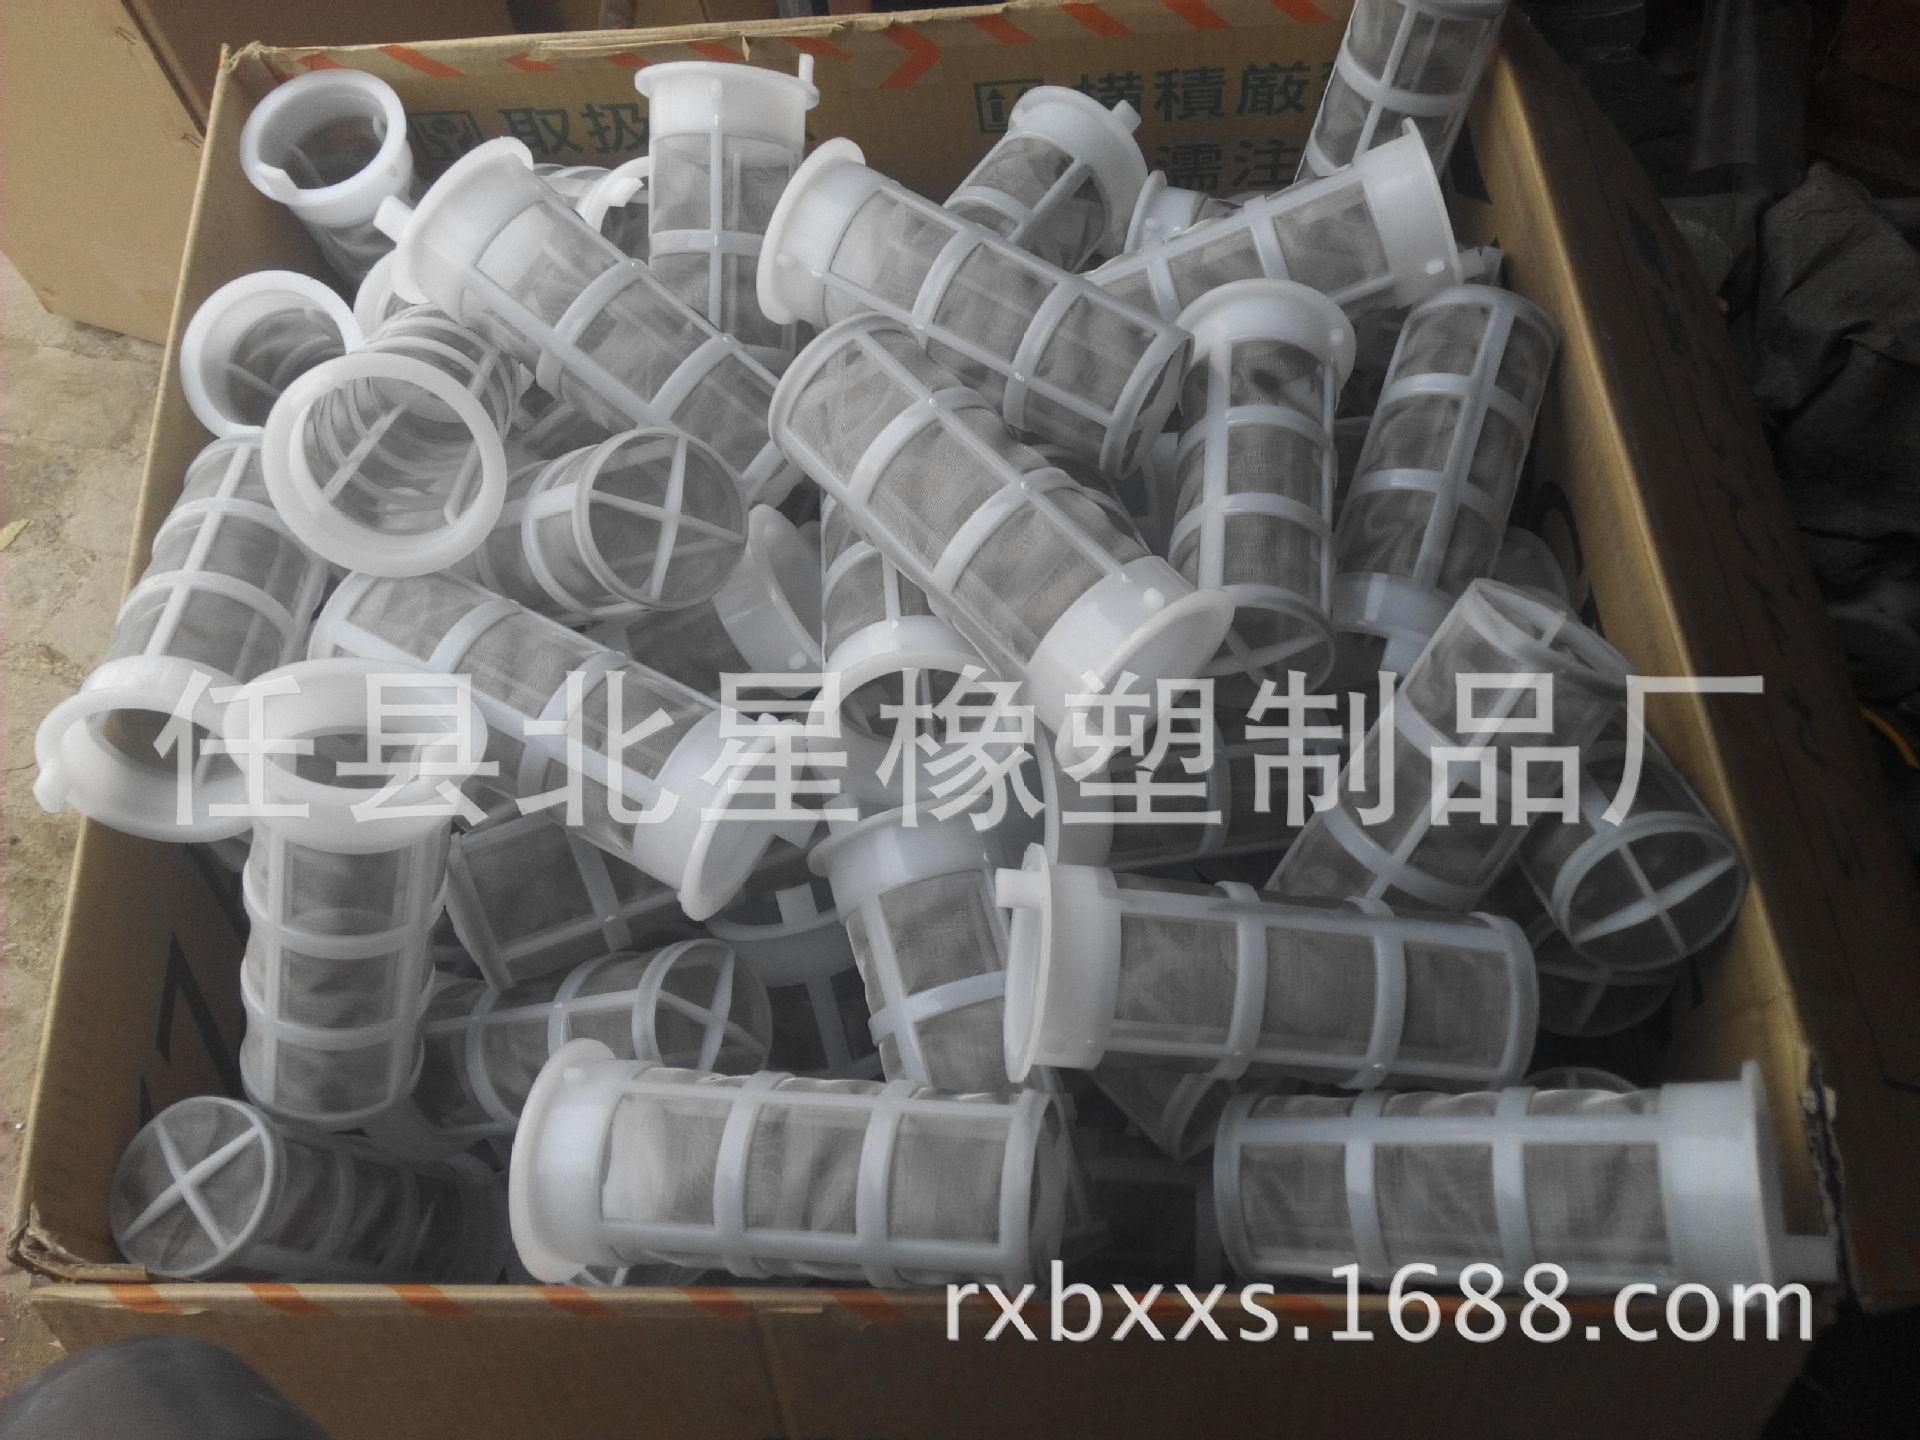 各种车用滤芯、机械用滤芯、机油滤芯、柴油滤芯